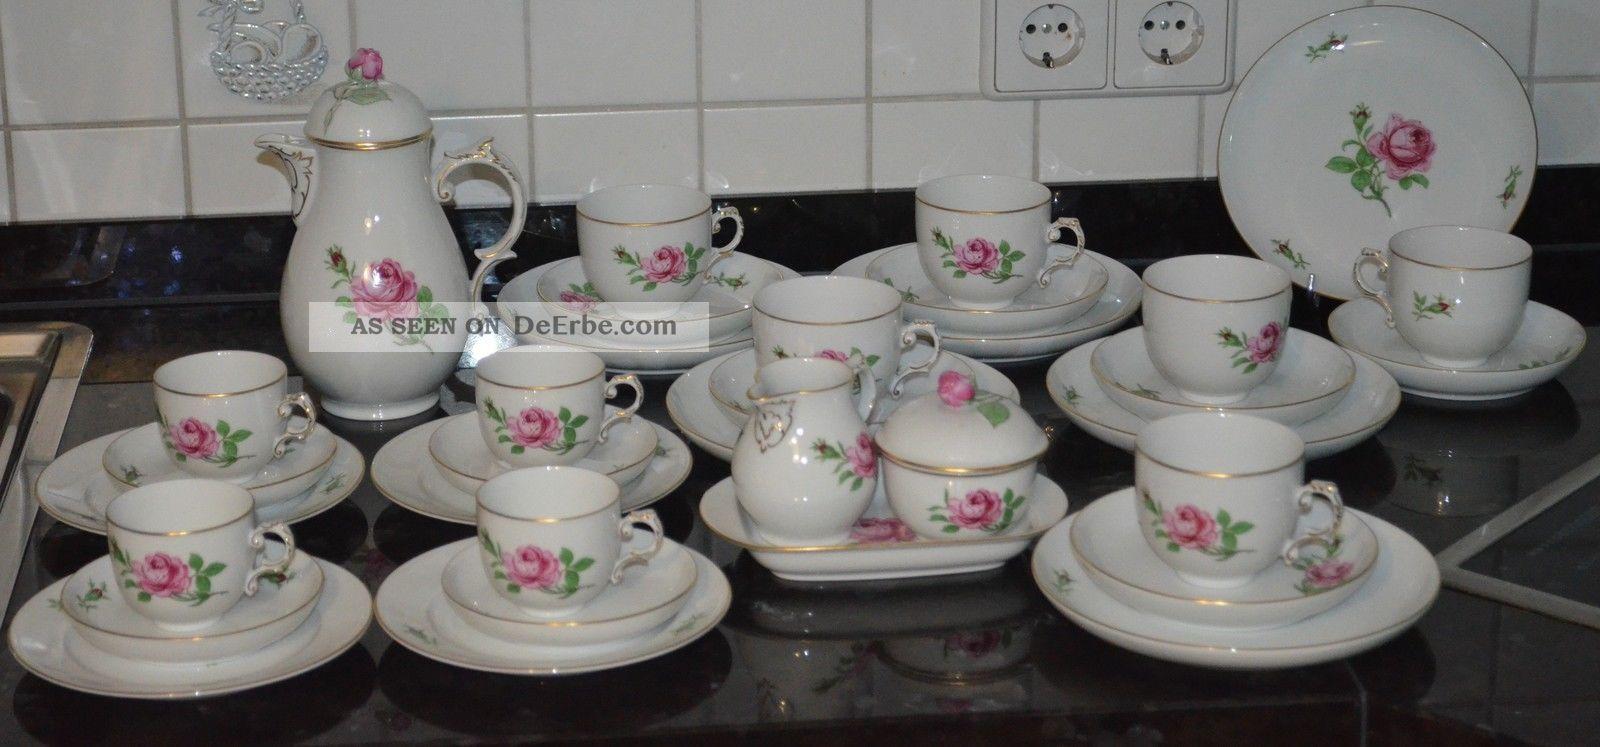 f rstenberg rote rose kaffeeservice 6 personen 4 mocca gedecke 34 teile. Black Bedroom Furniture Sets. Home Design Ideas